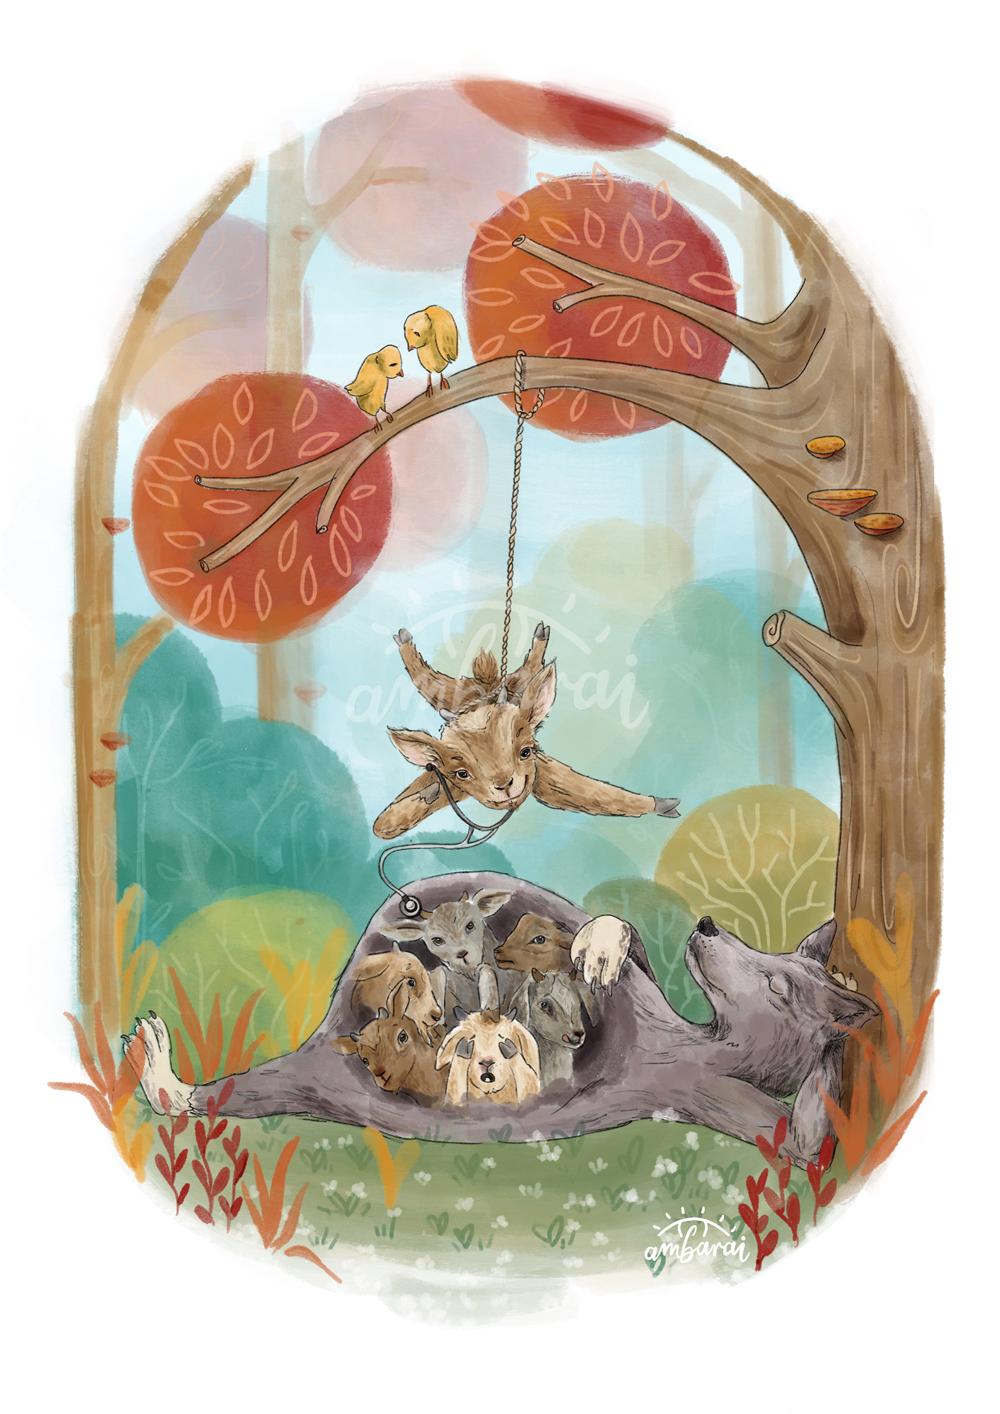 Ilustración para libros. Ilustración para el cuento de los cabritillos y el lobo